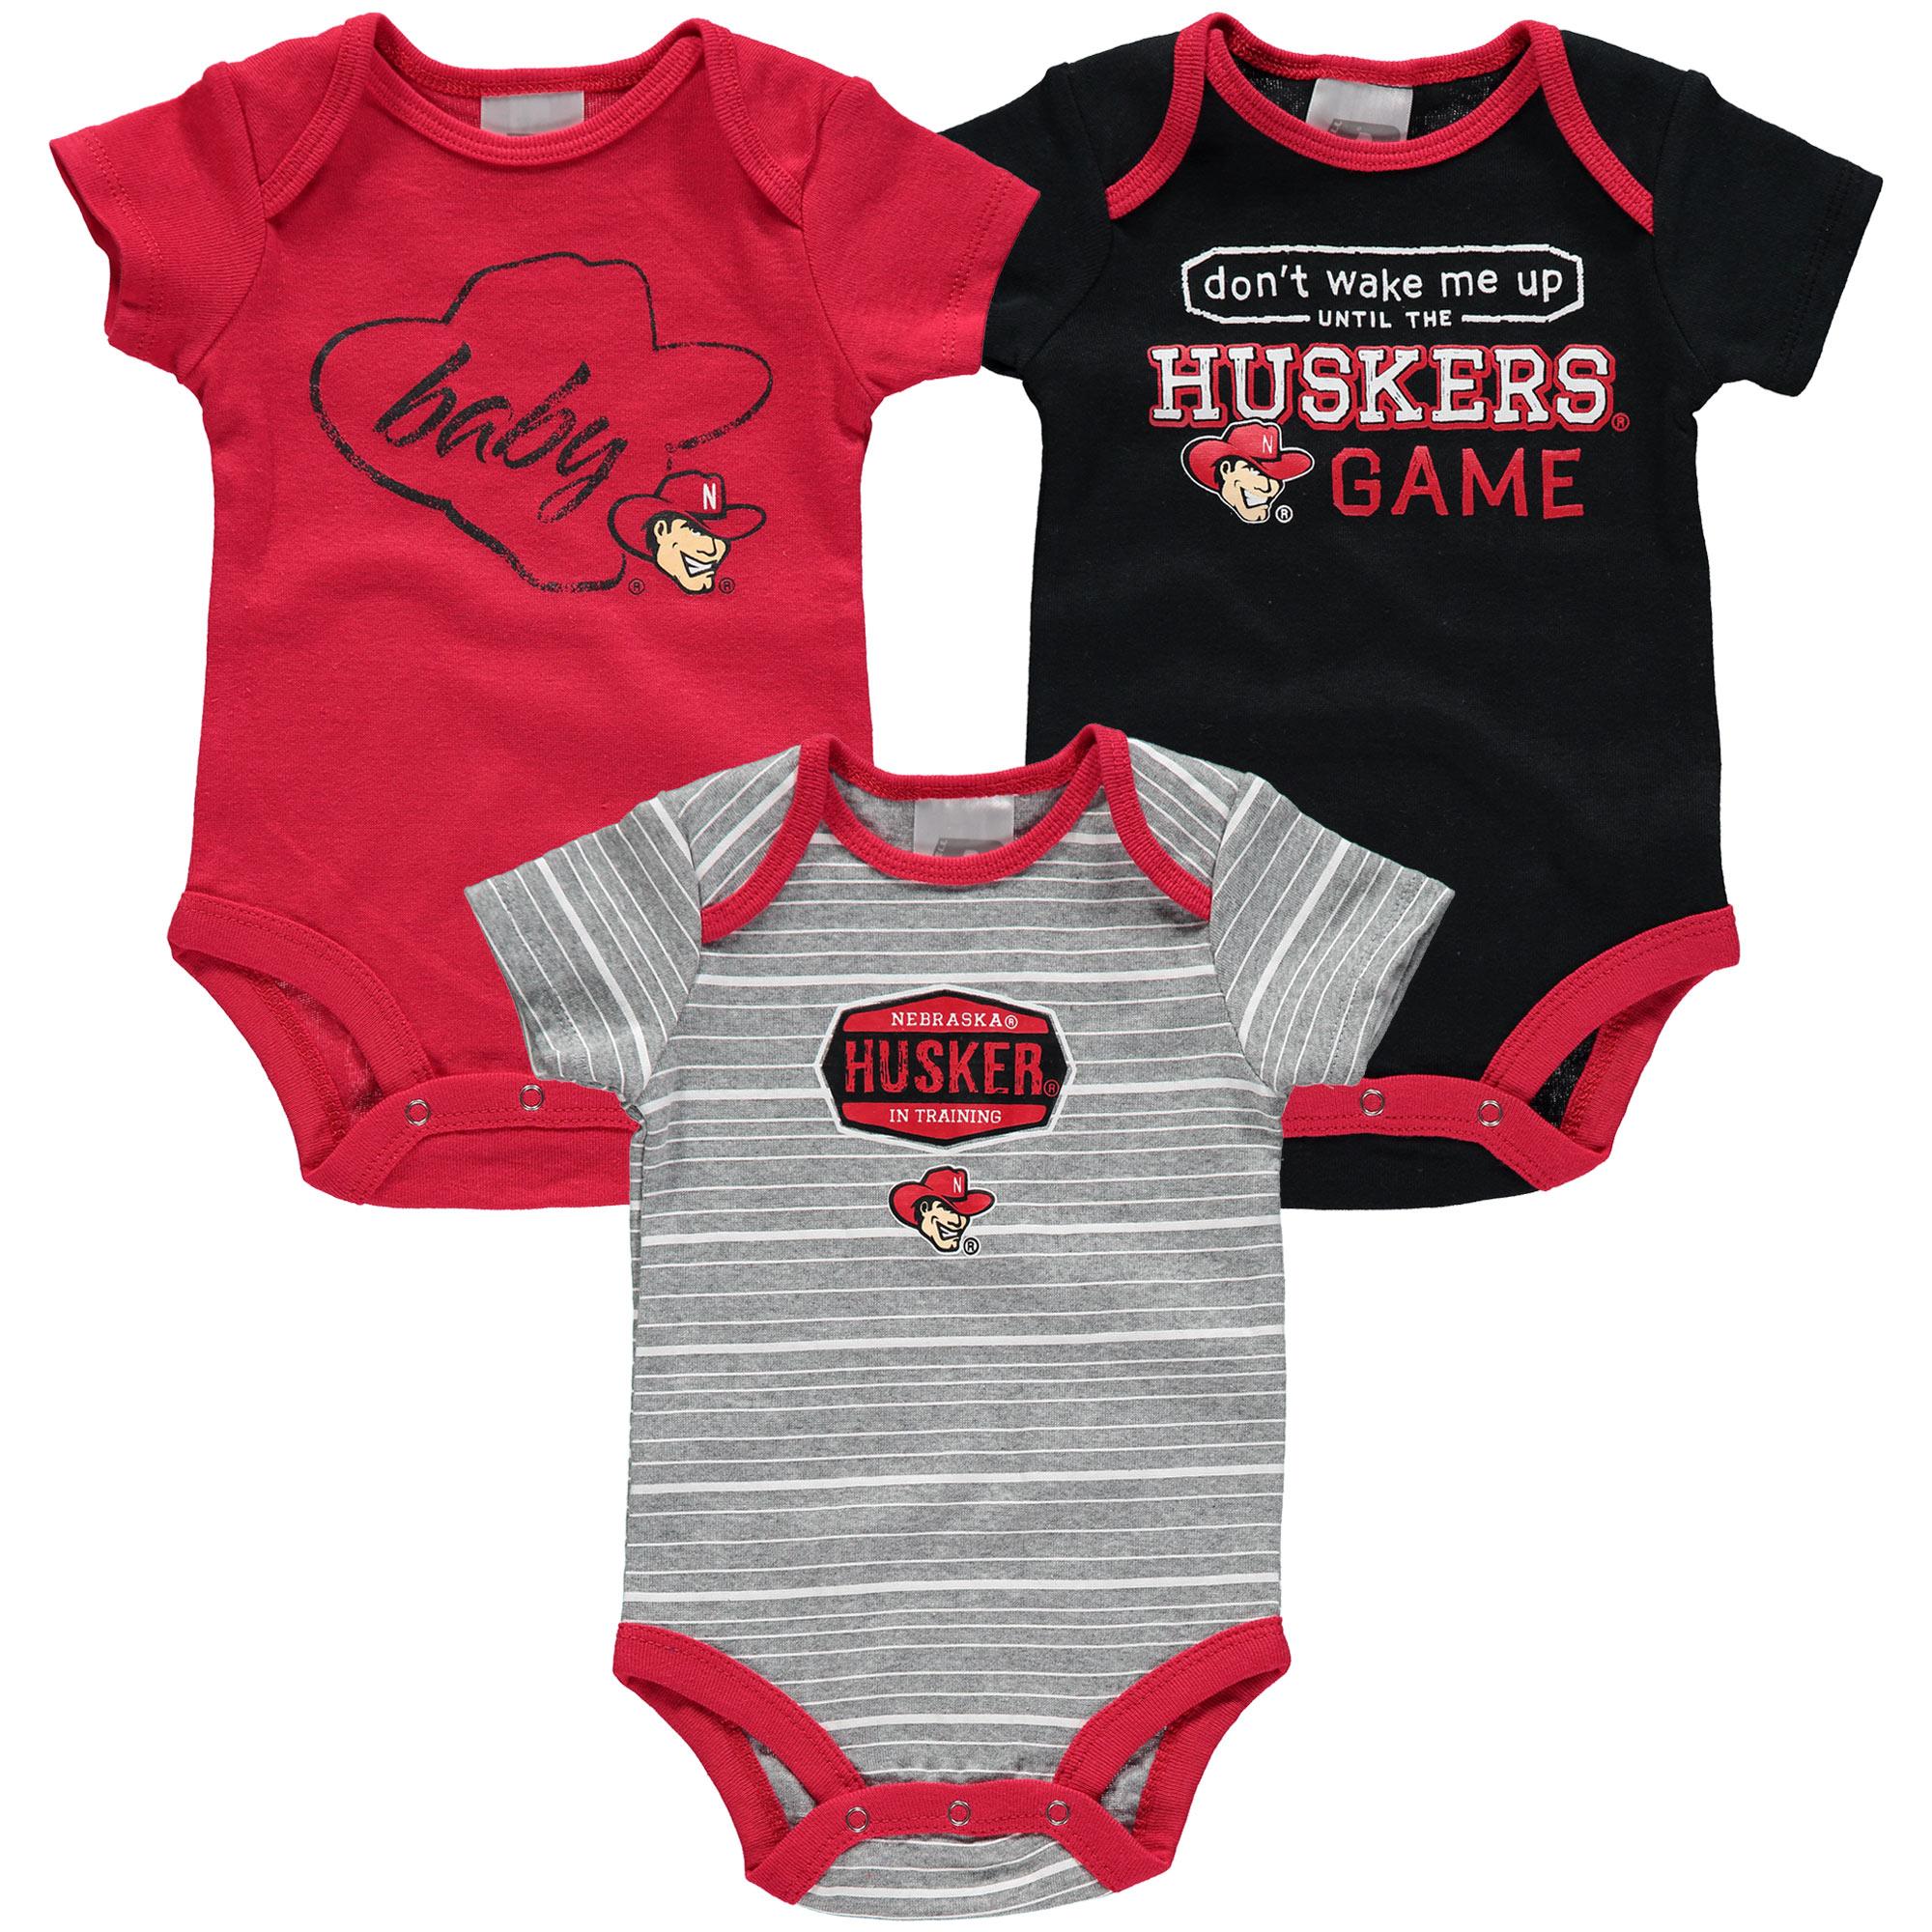 Nebraska Huskers Tie Onesie Gift Set